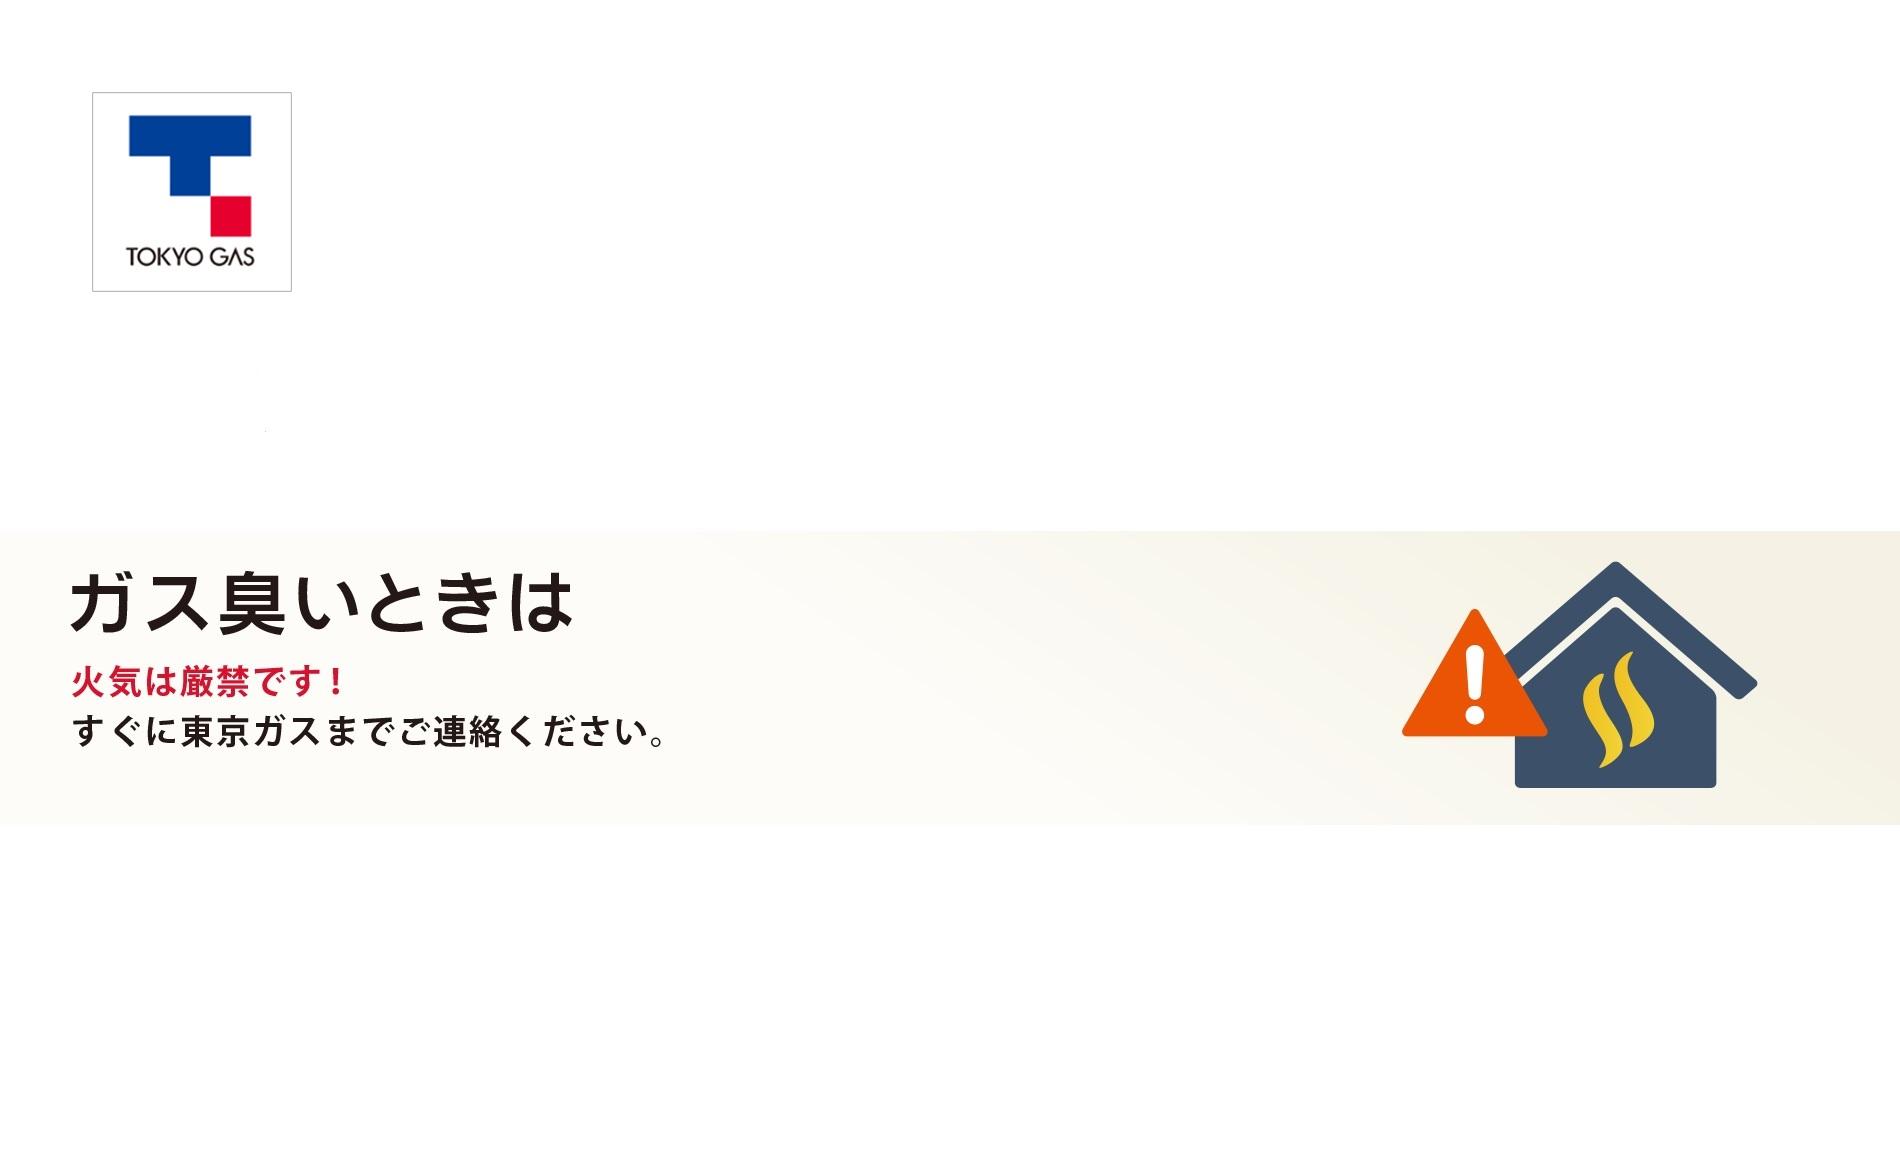 東京ガスのガス栓交換の理由は?費用や作業開始日も調べてみた!